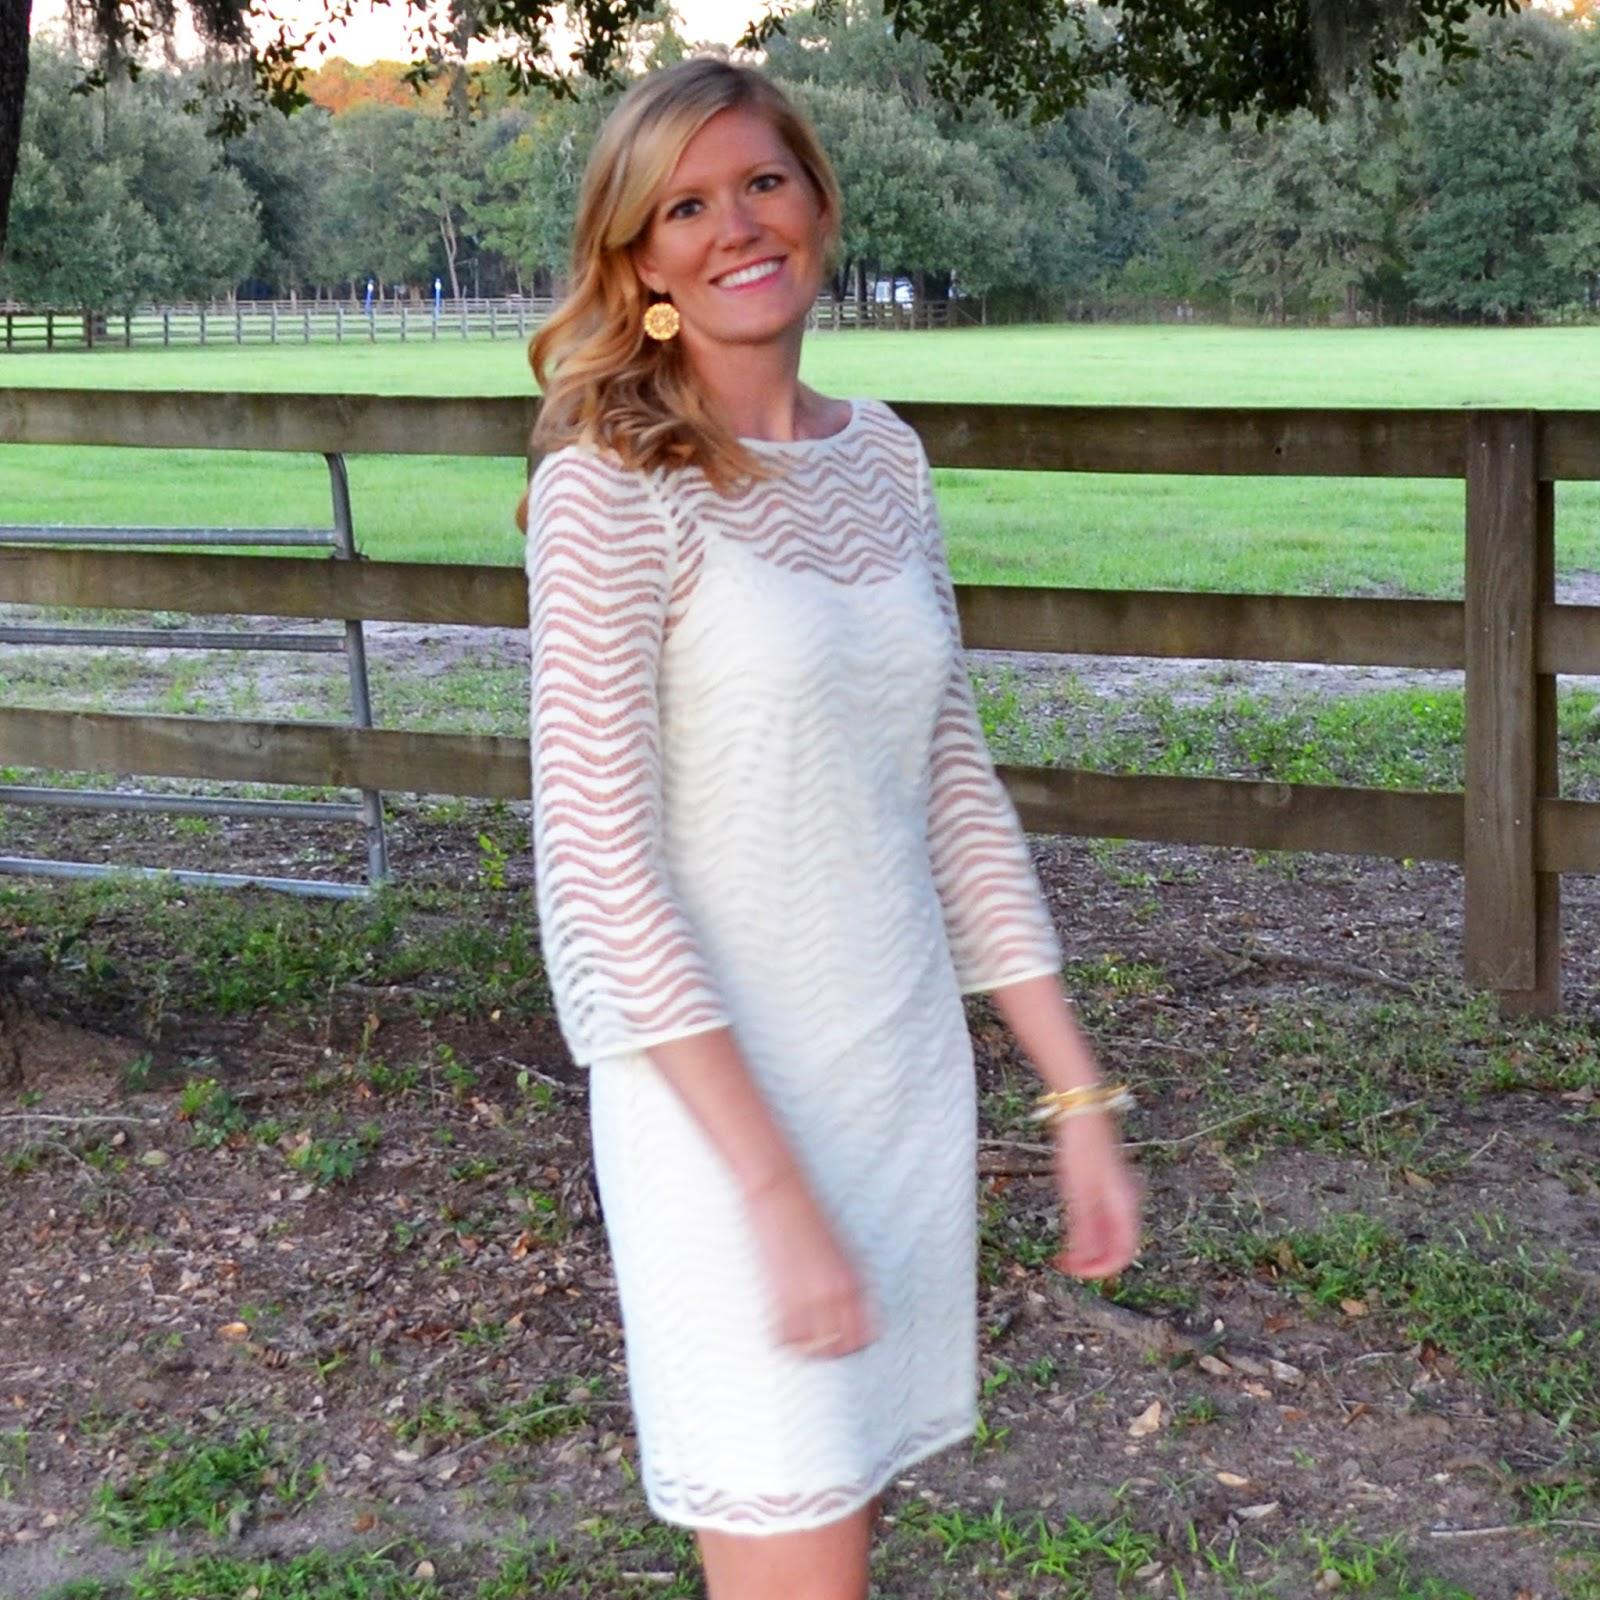 Lilly Pulitzer Topanga Lace Dresses On Sale Topanga Lace Dress